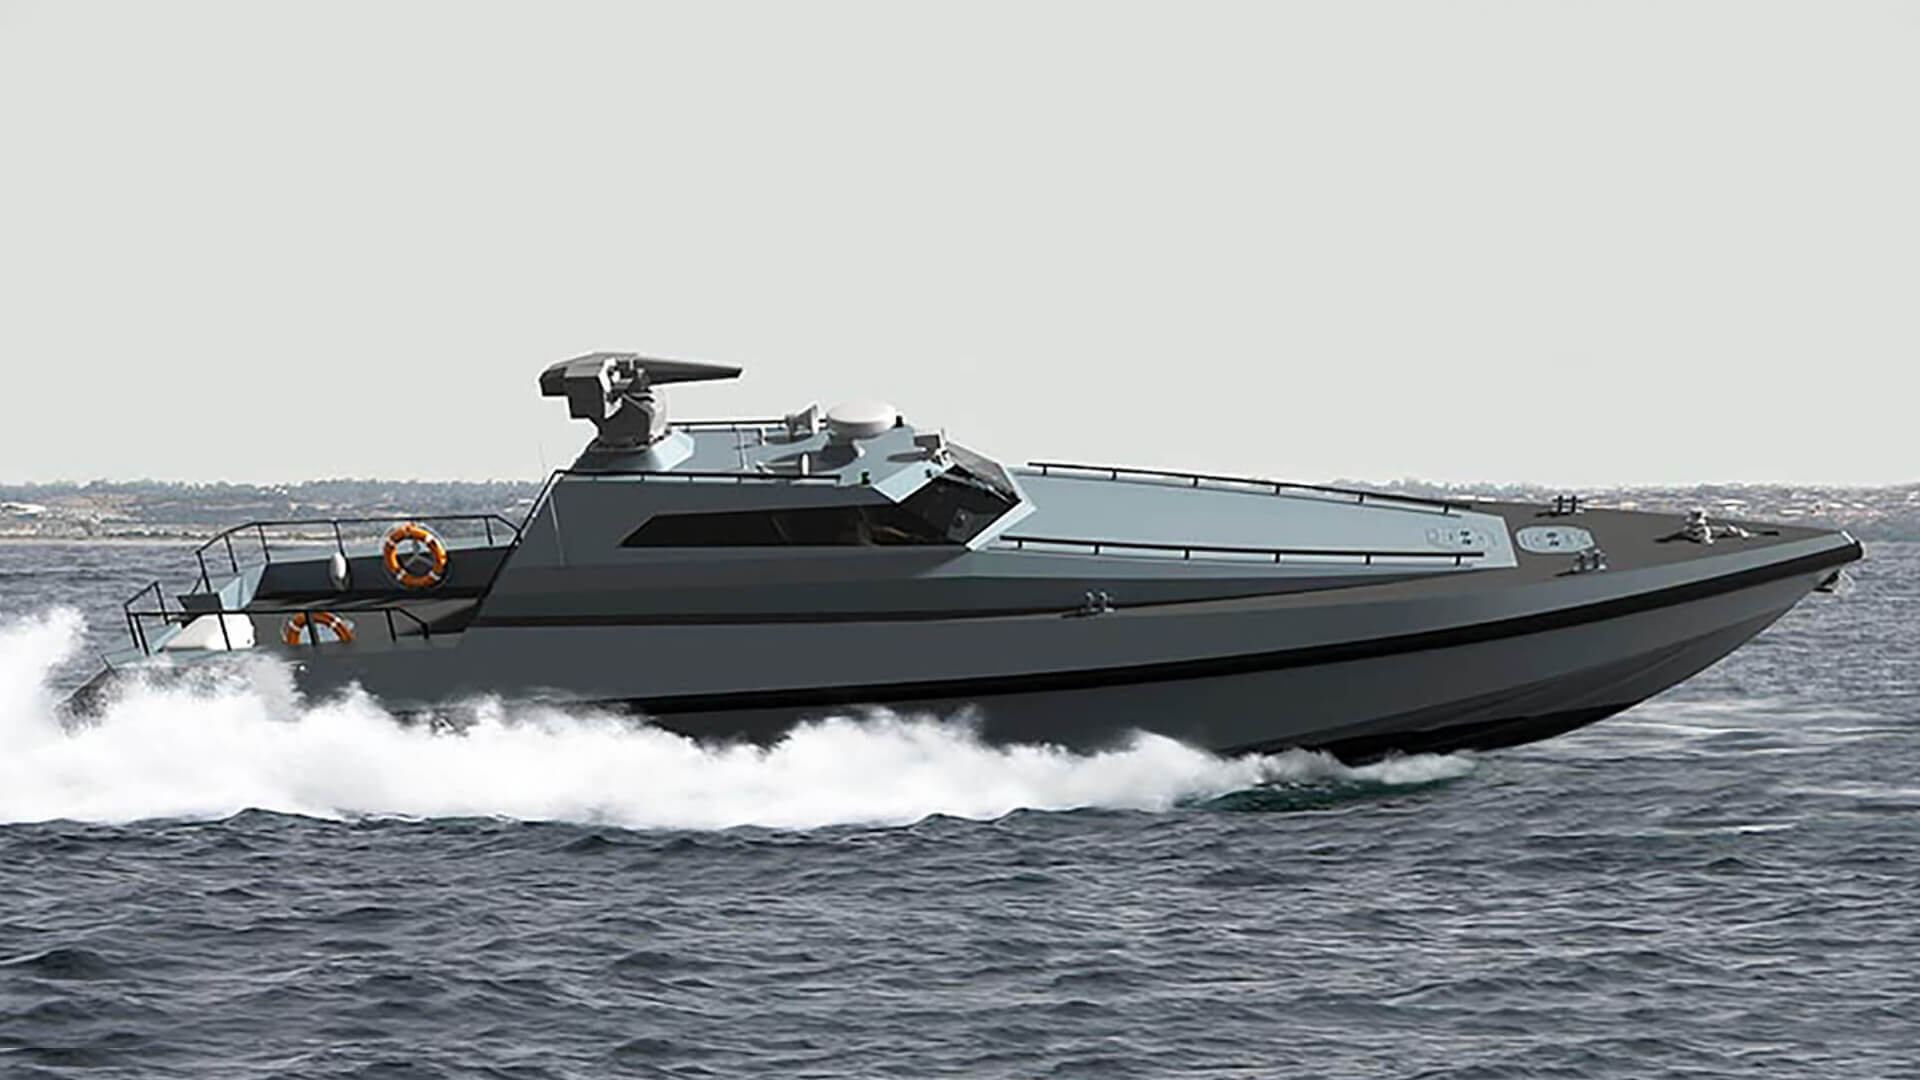 images/vessels/01-patrol-craft/03-series-harpoon/03-ares-55-harpoon/01.jpg